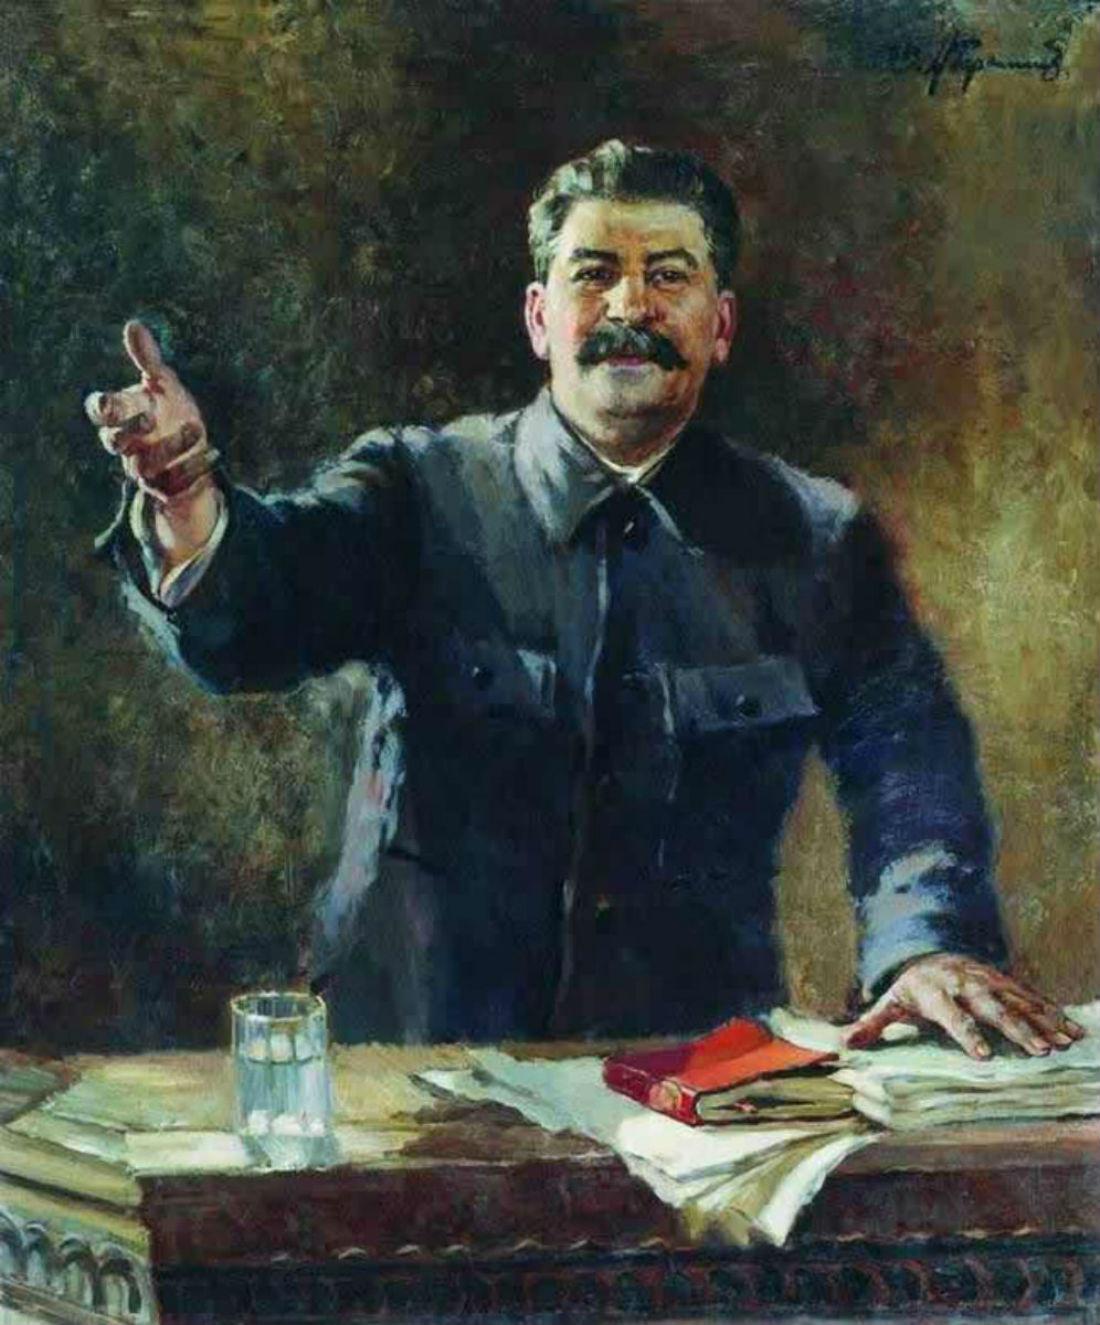 Картинки по запроÑу гераÑимов художник